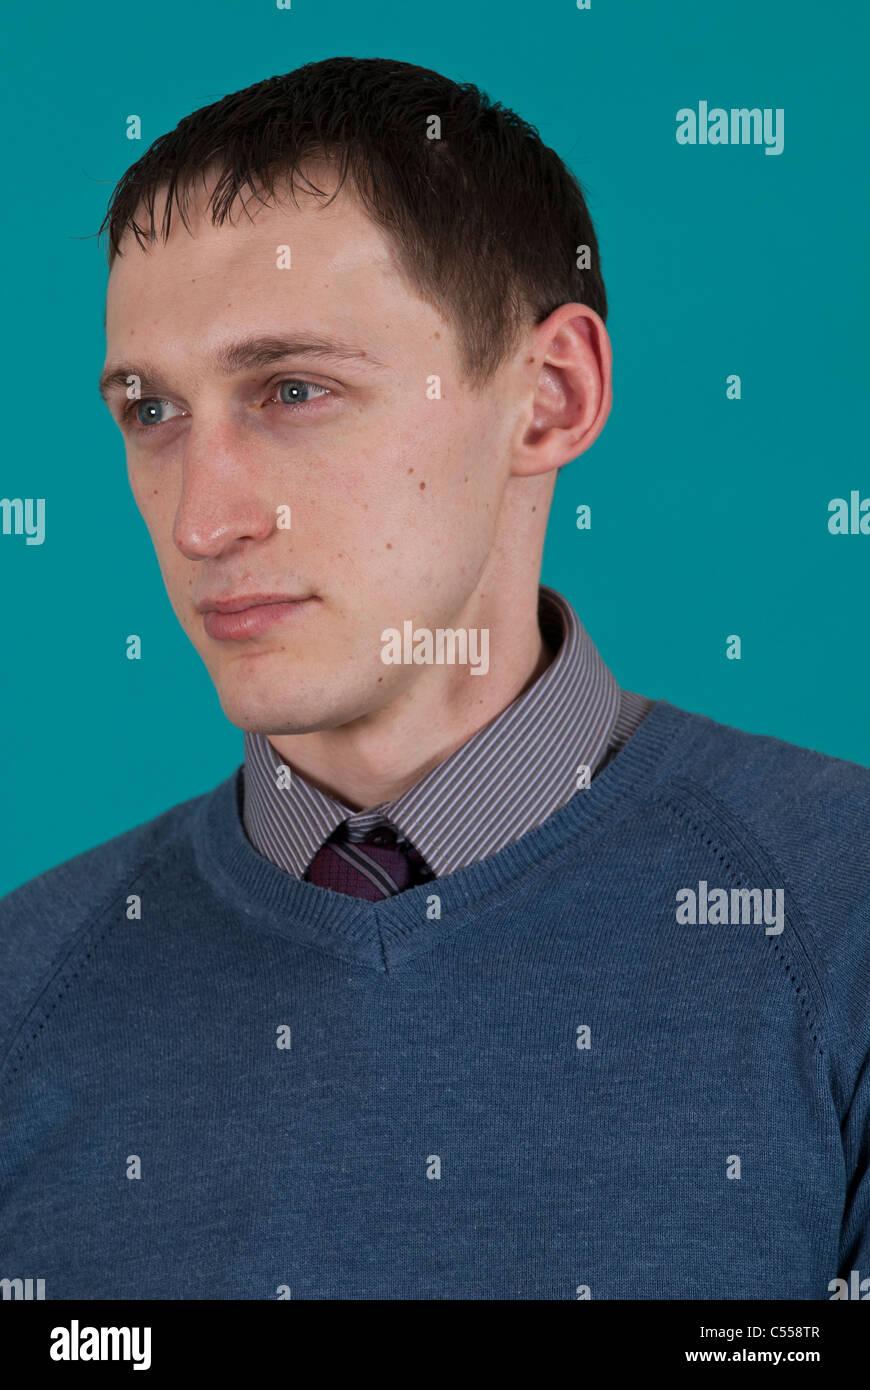 Polnische Männer Stockfotos und -bilder Kaufen - Alamy